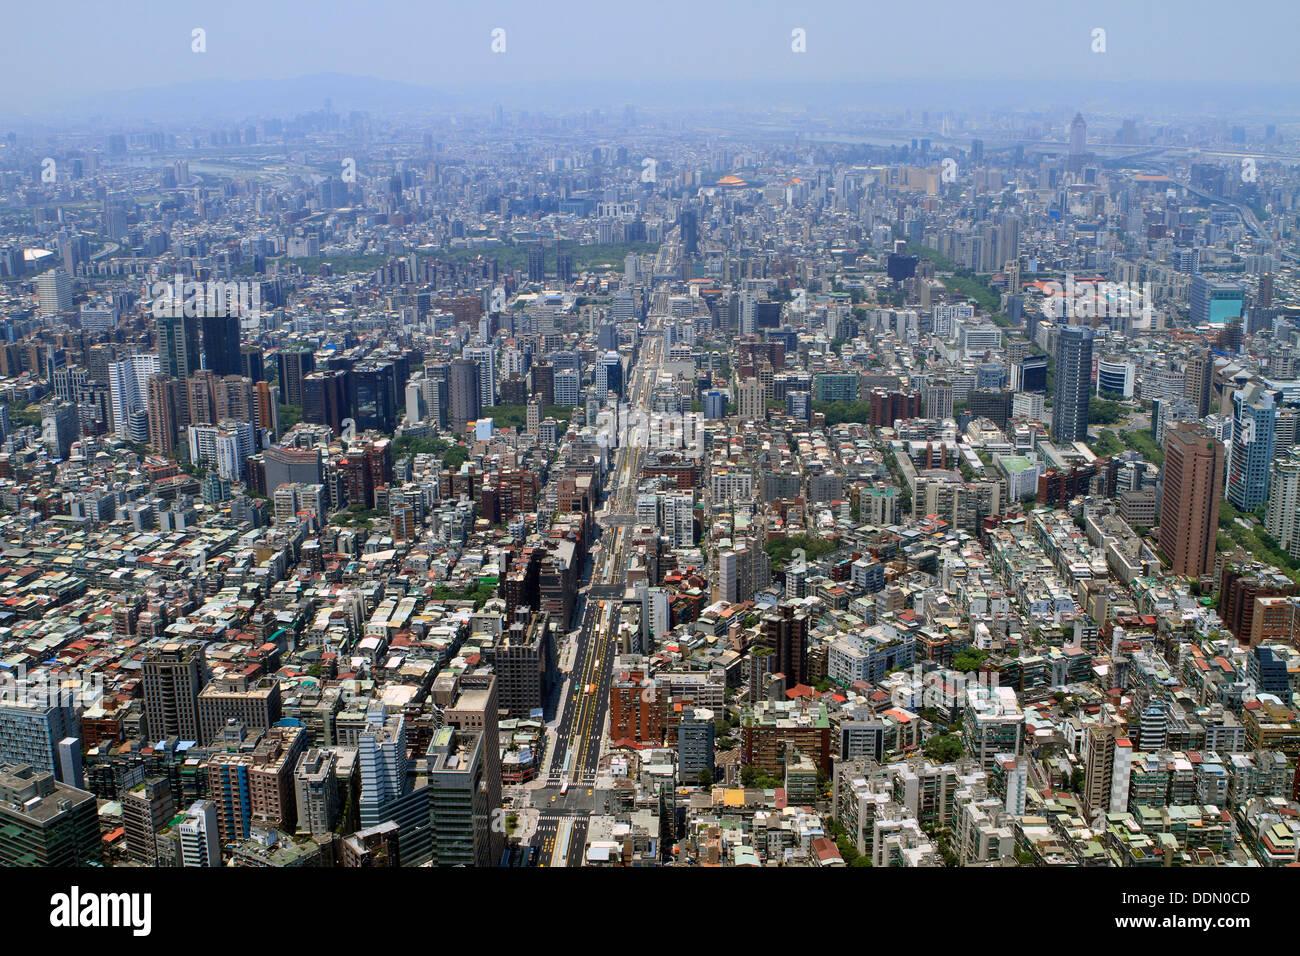 Una vista desde arriba de la ciudad de Taipei, Taiwán. Imagen De Stock